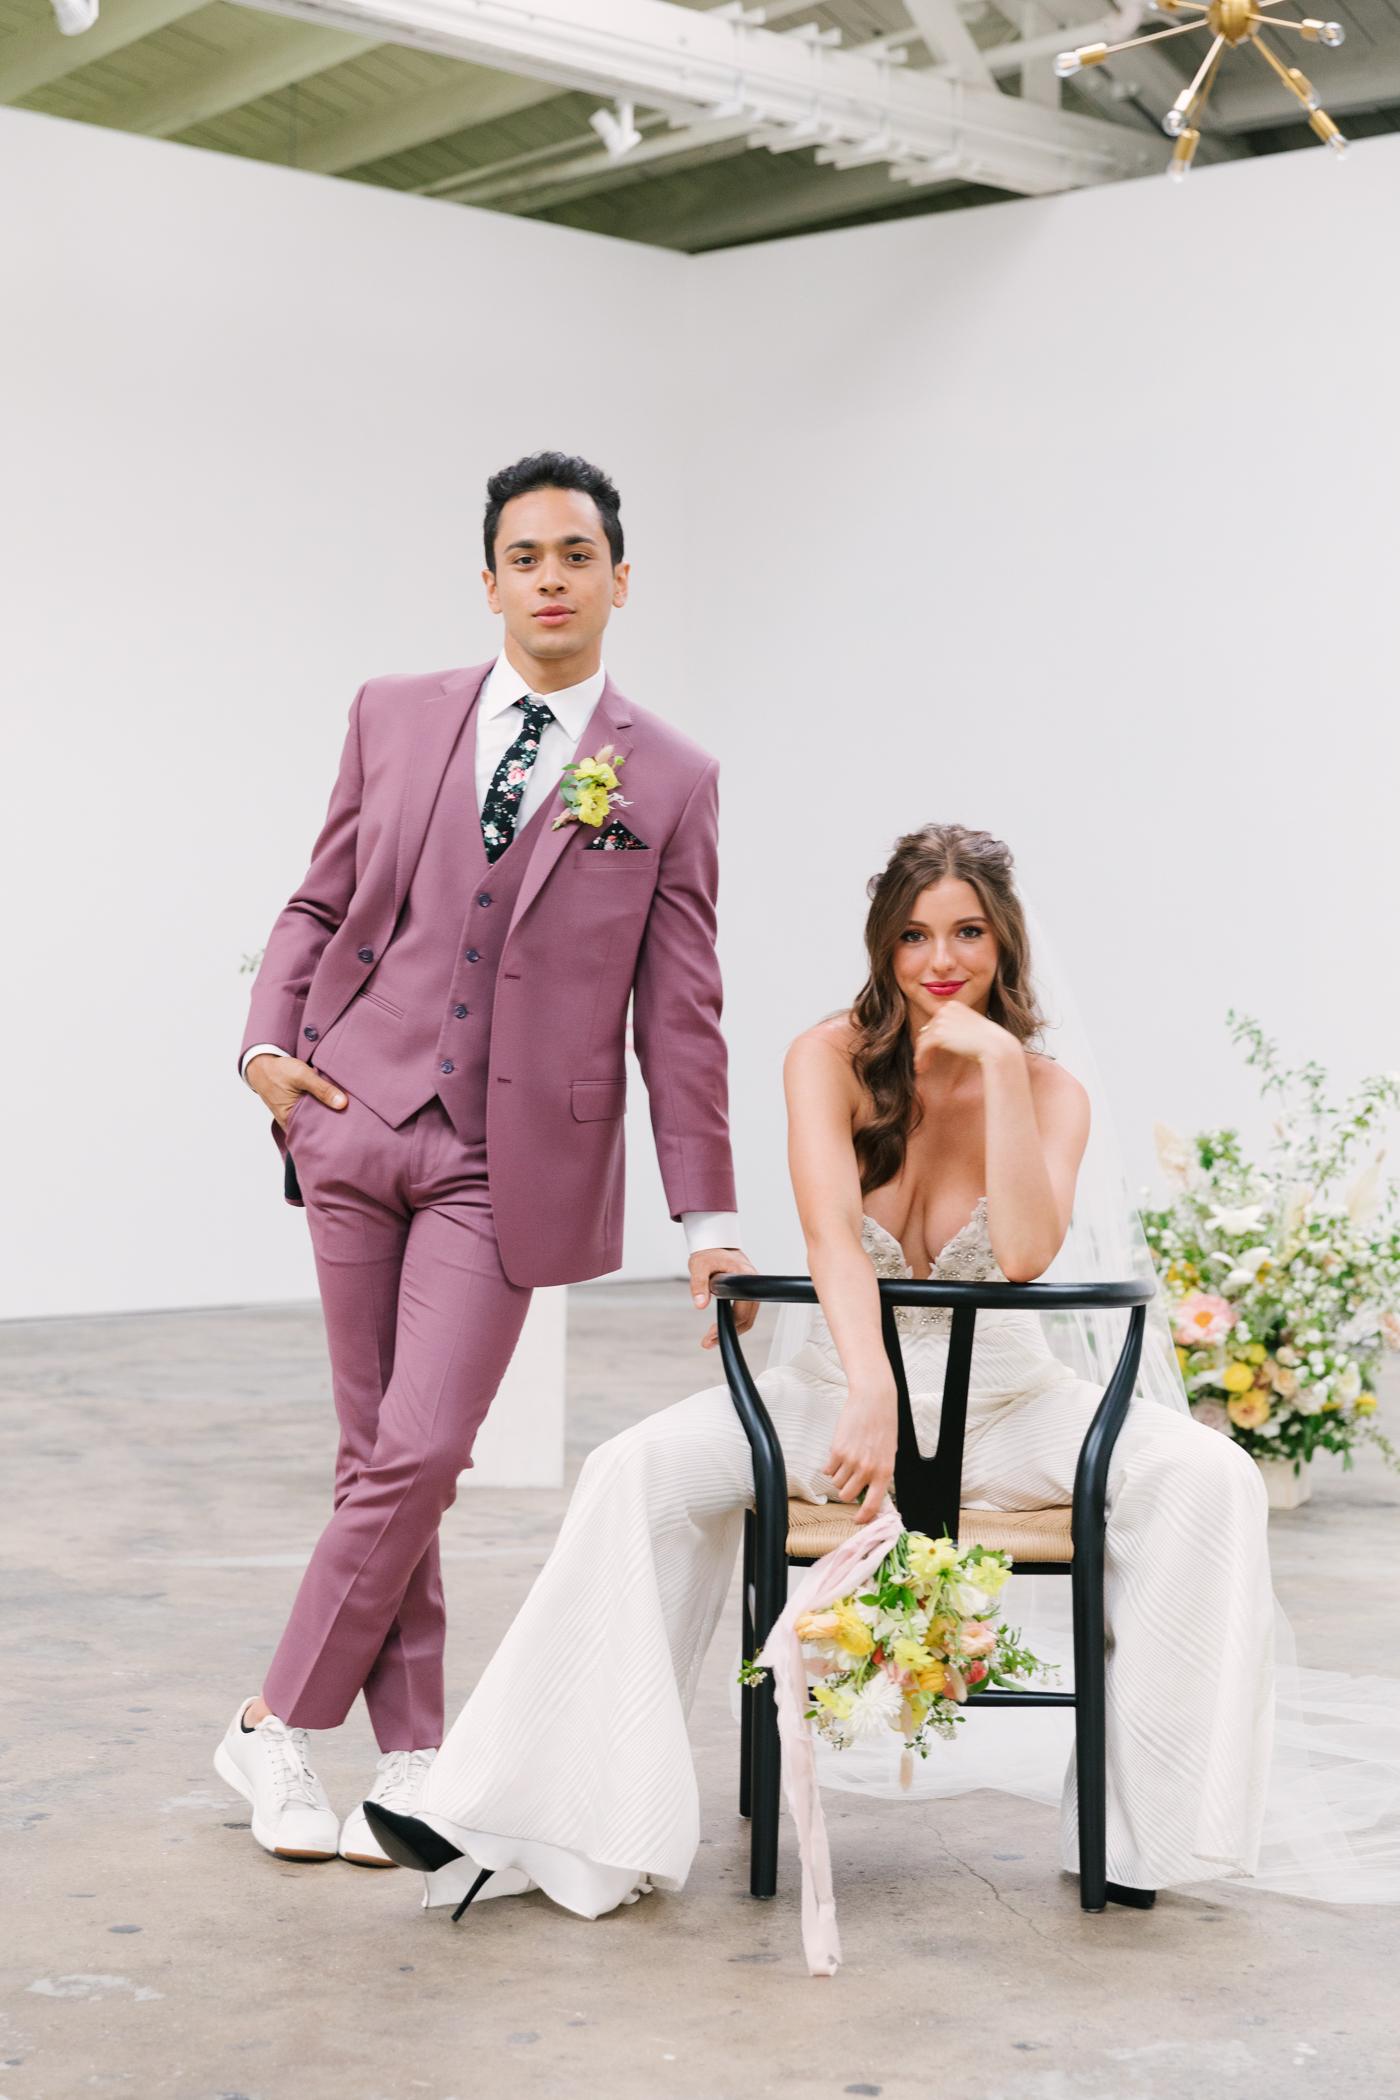 Colorful wedding couple